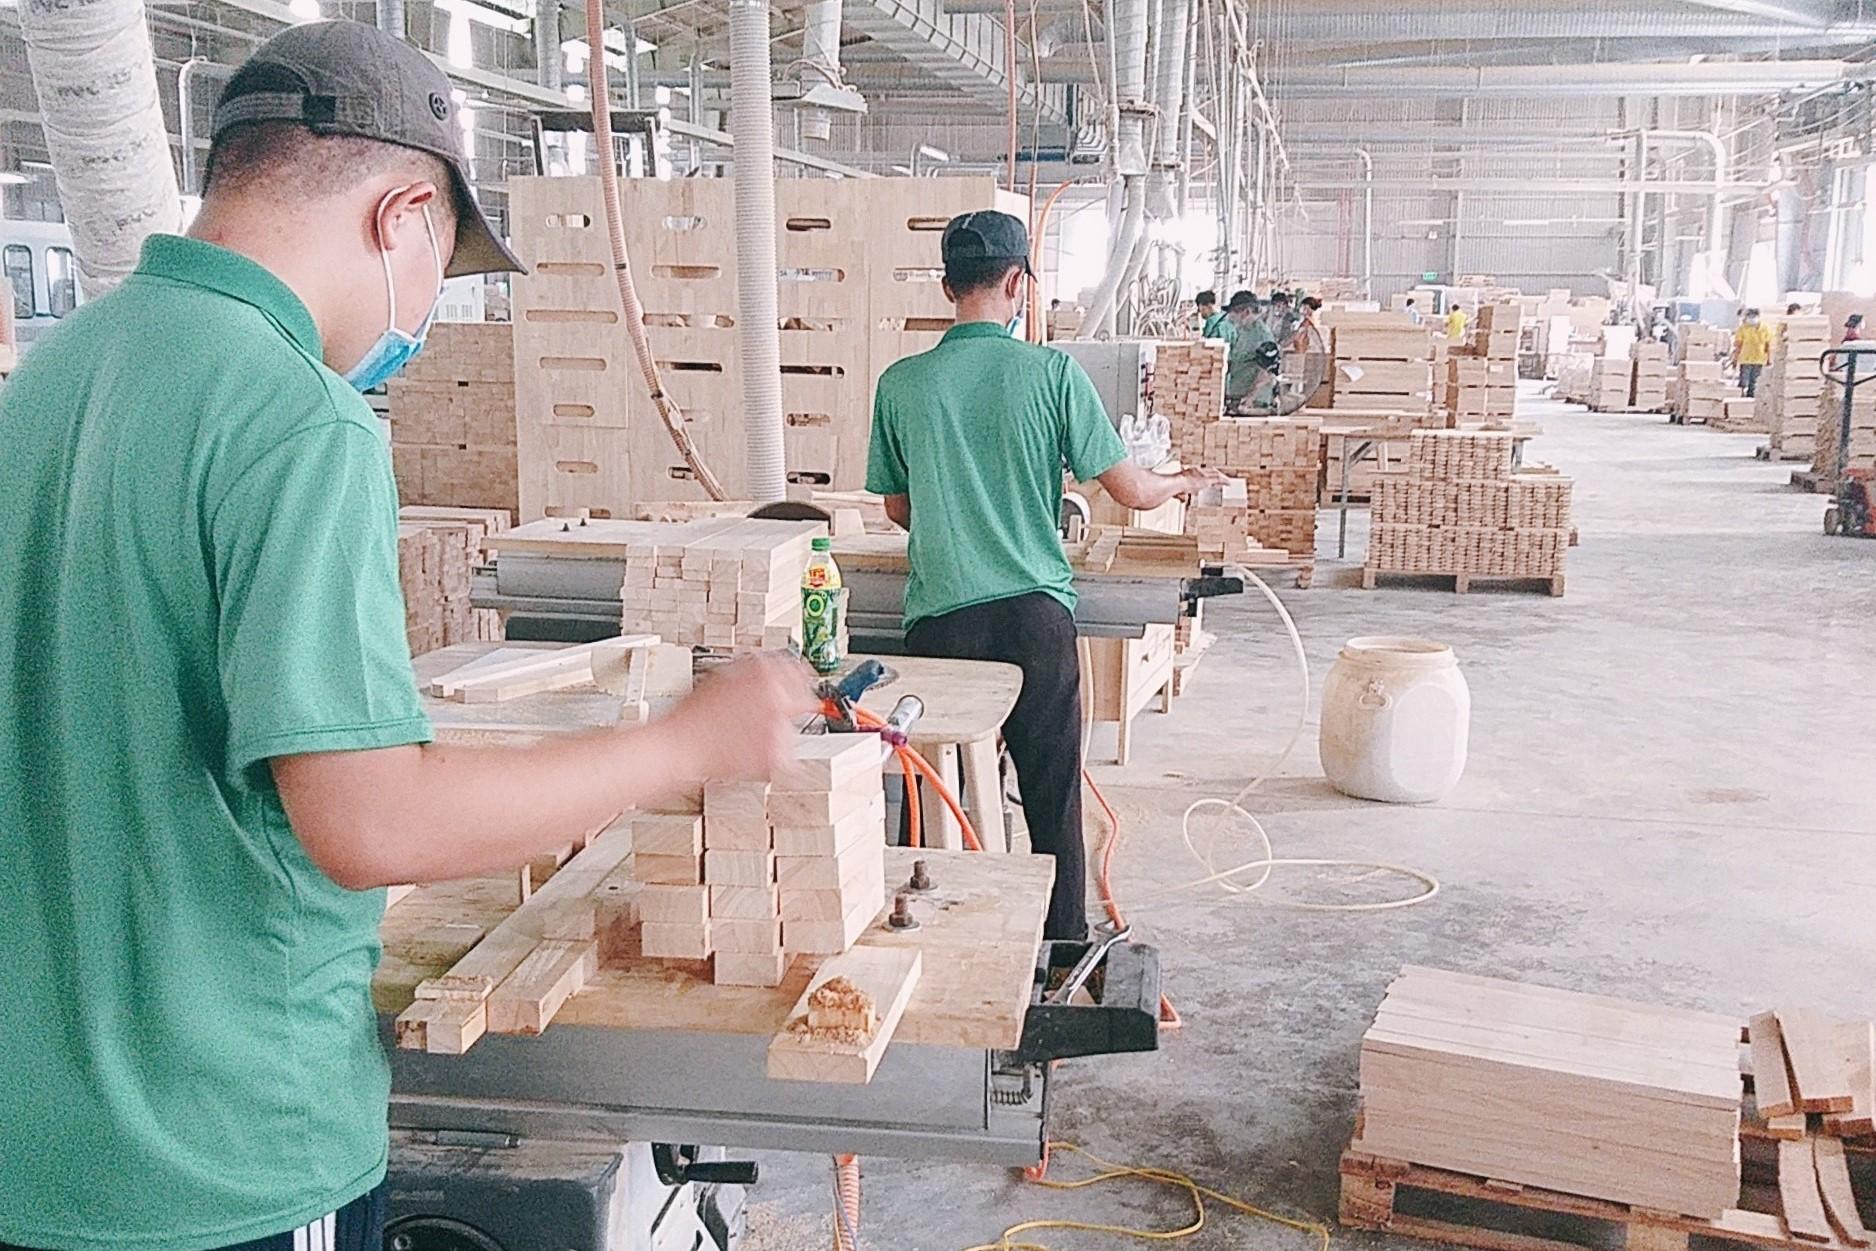 Nachhaltig Investieren: Tay Ninh Produktionsstätte